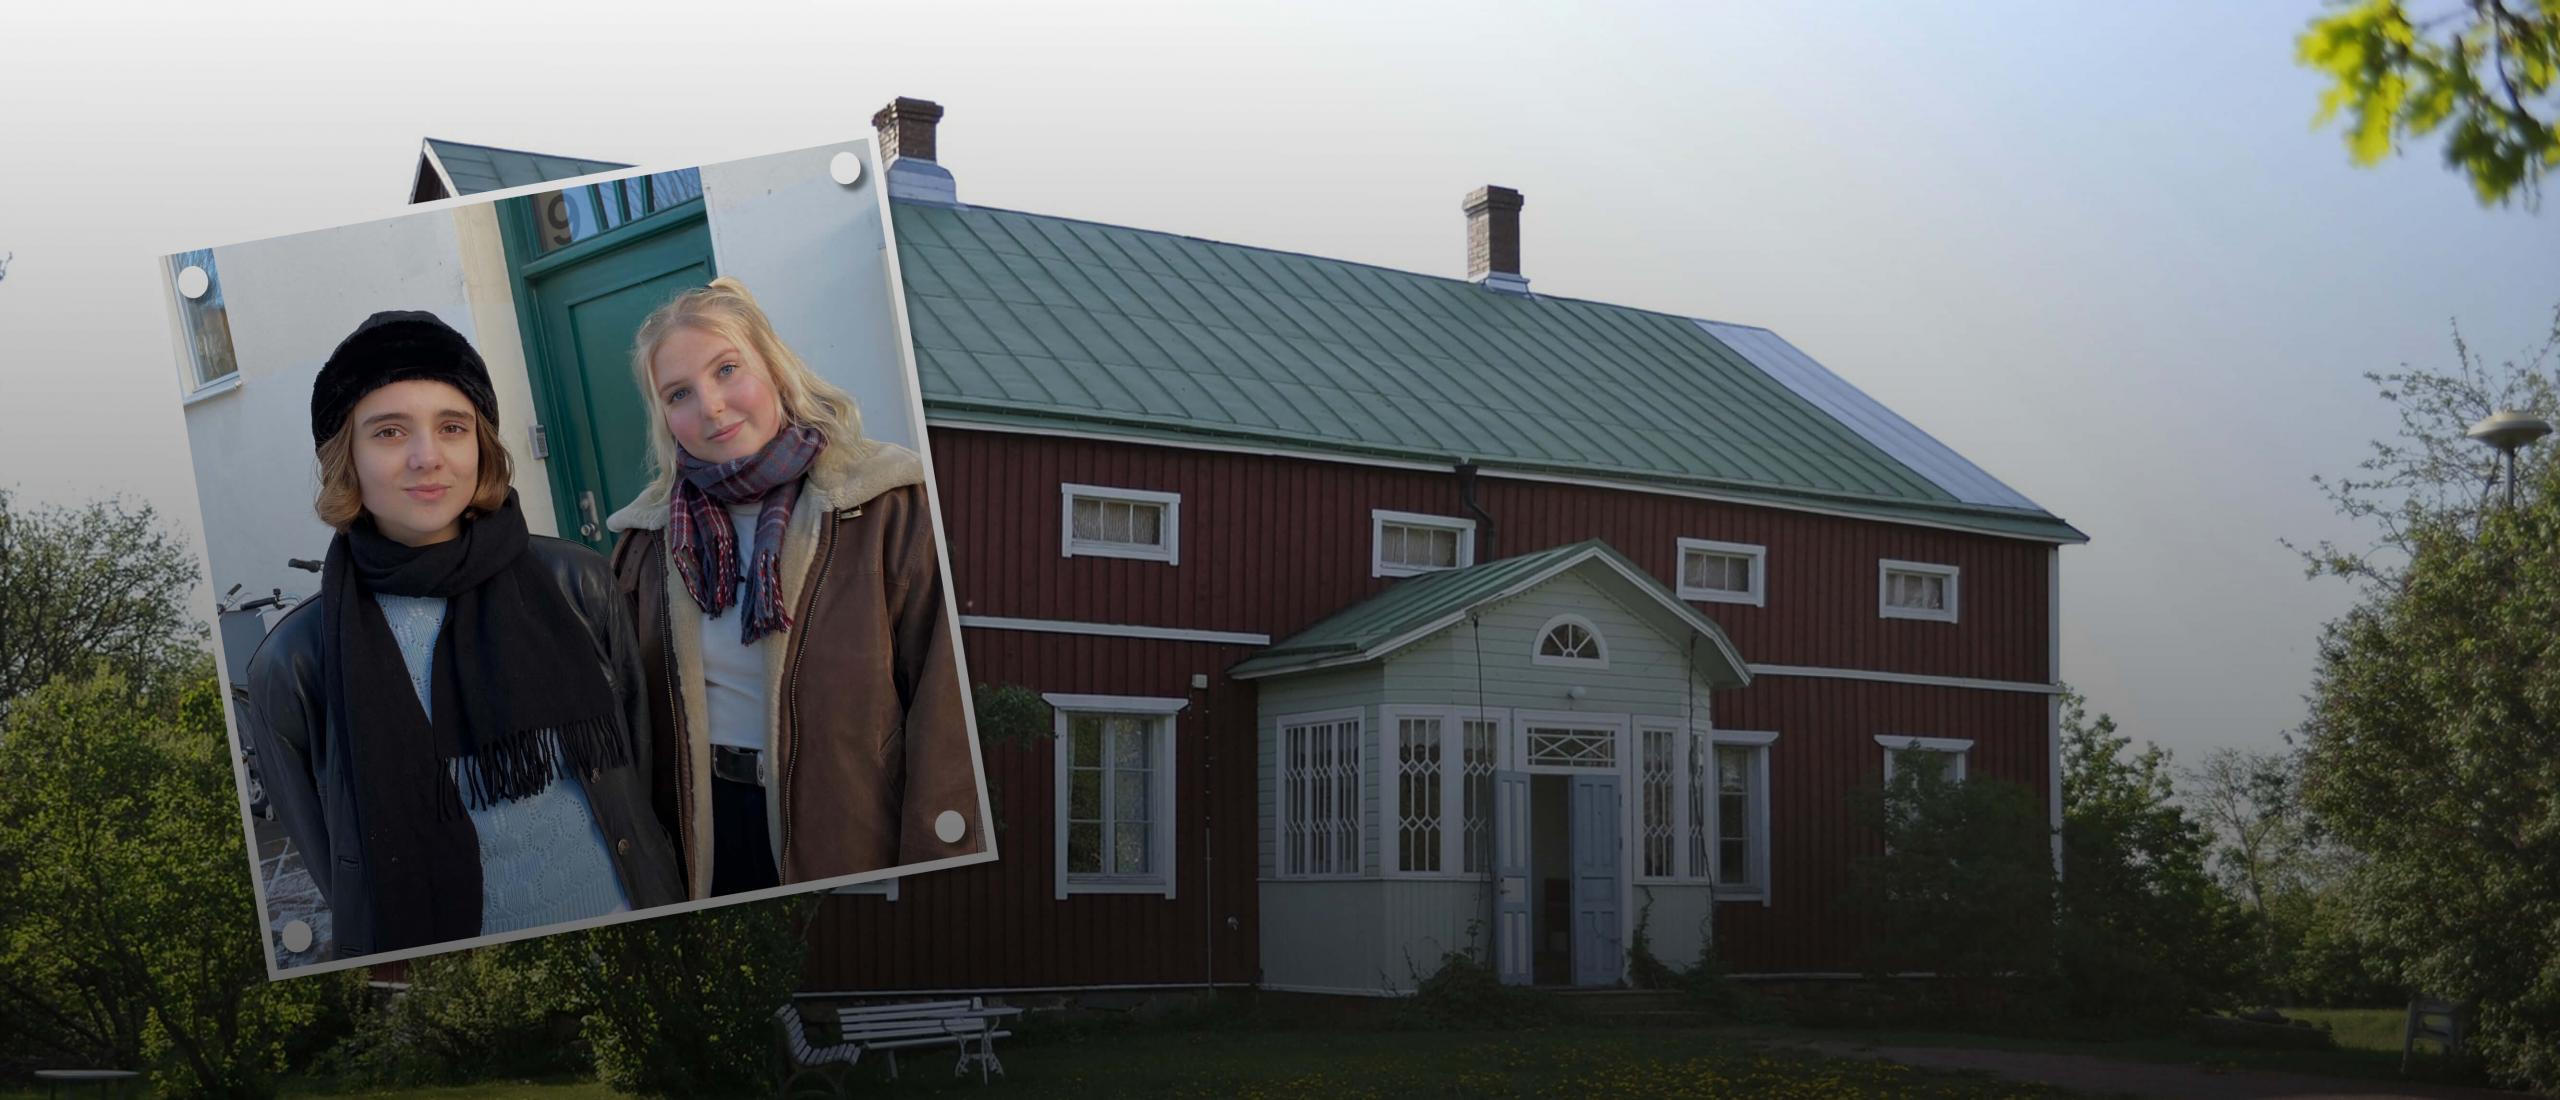 Ordsmidarna med kursledare Jorunn Lavonius och Norah Lång